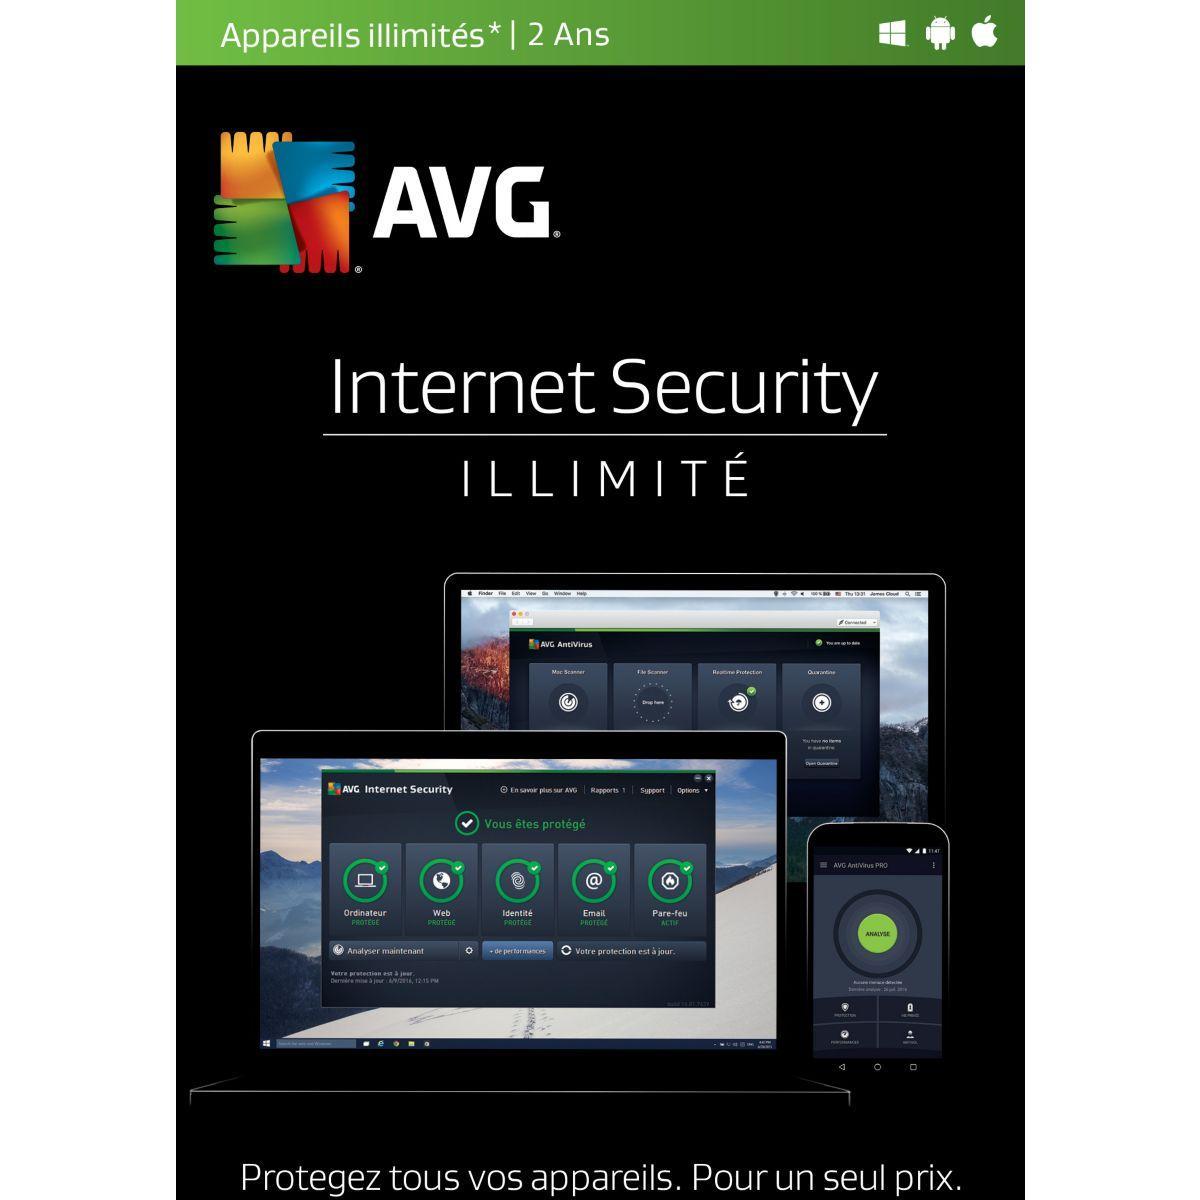 Logiciel pc avg internet security (2 ans, ill - 5% de remise immédiate avec le code : cash5 (photo)